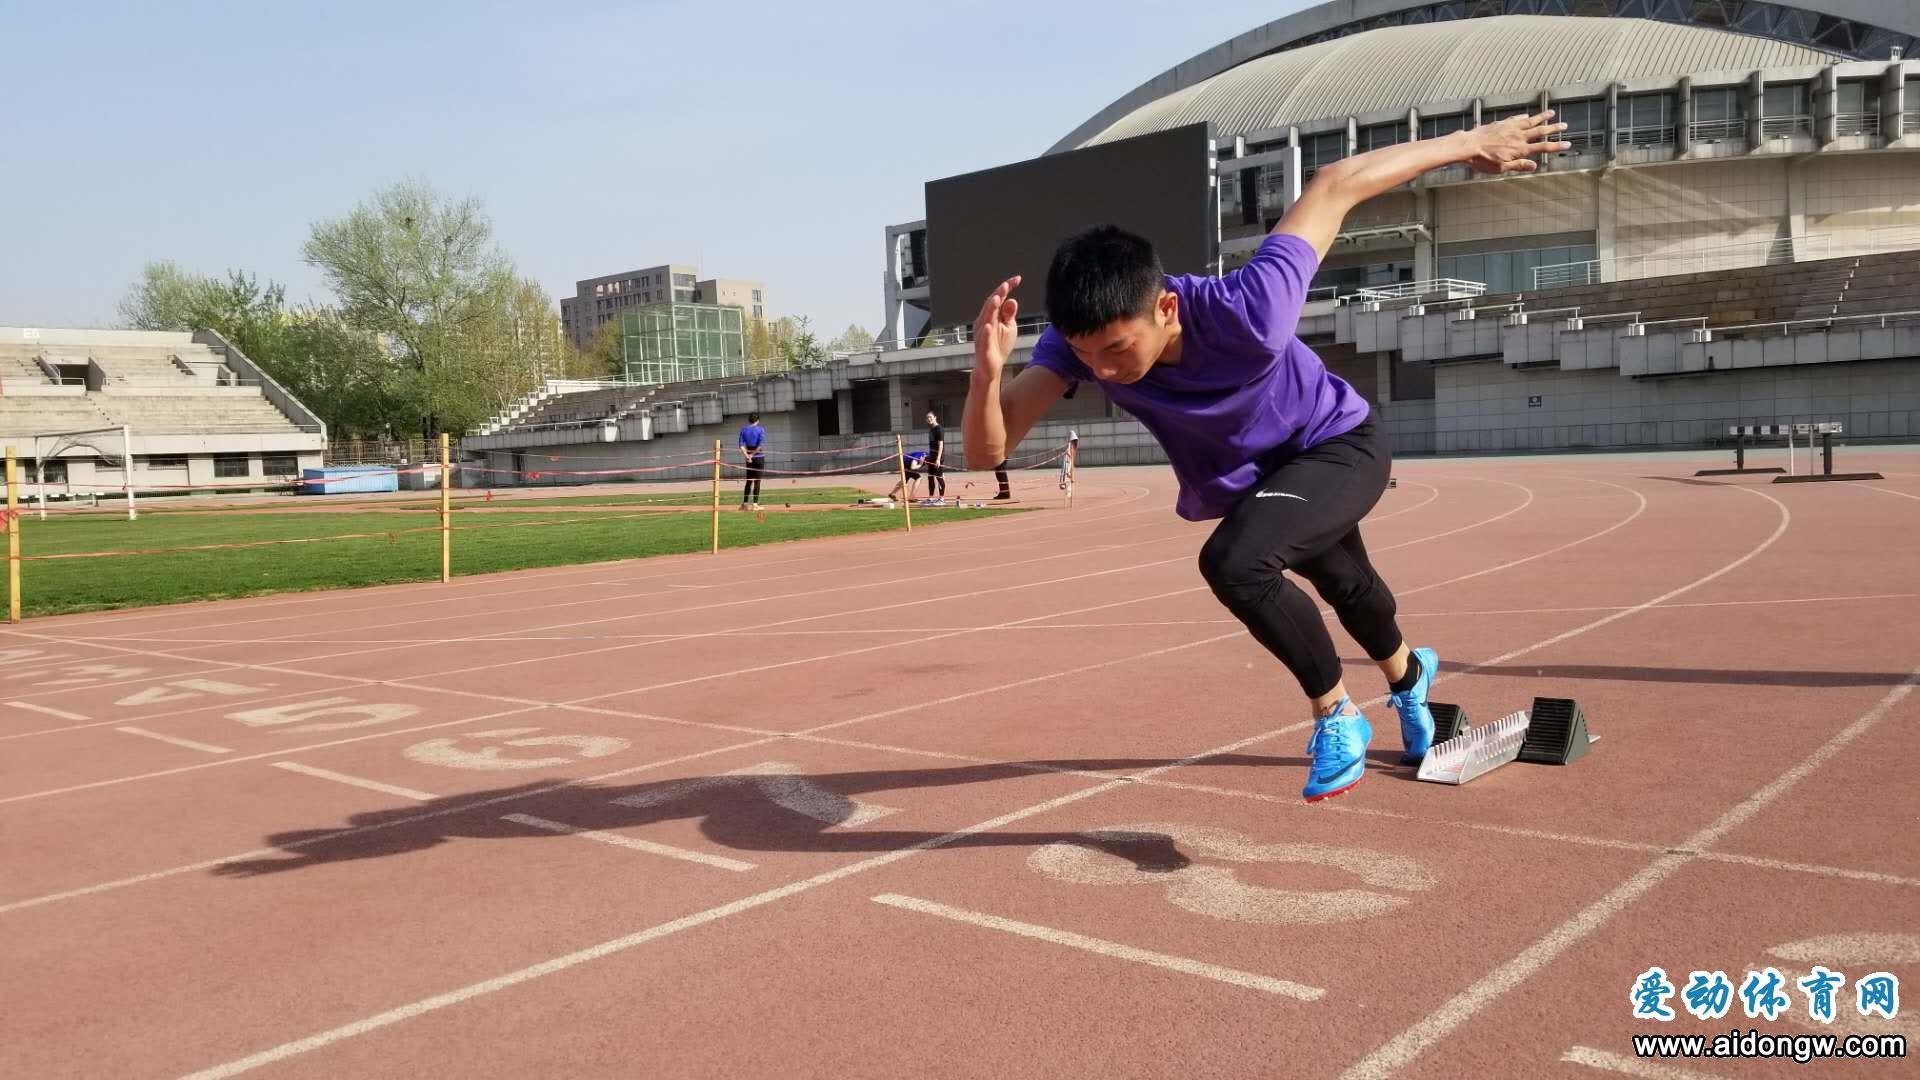 全国田径大奖赛:江亨南跑出10秒57夺得男子100米亚军